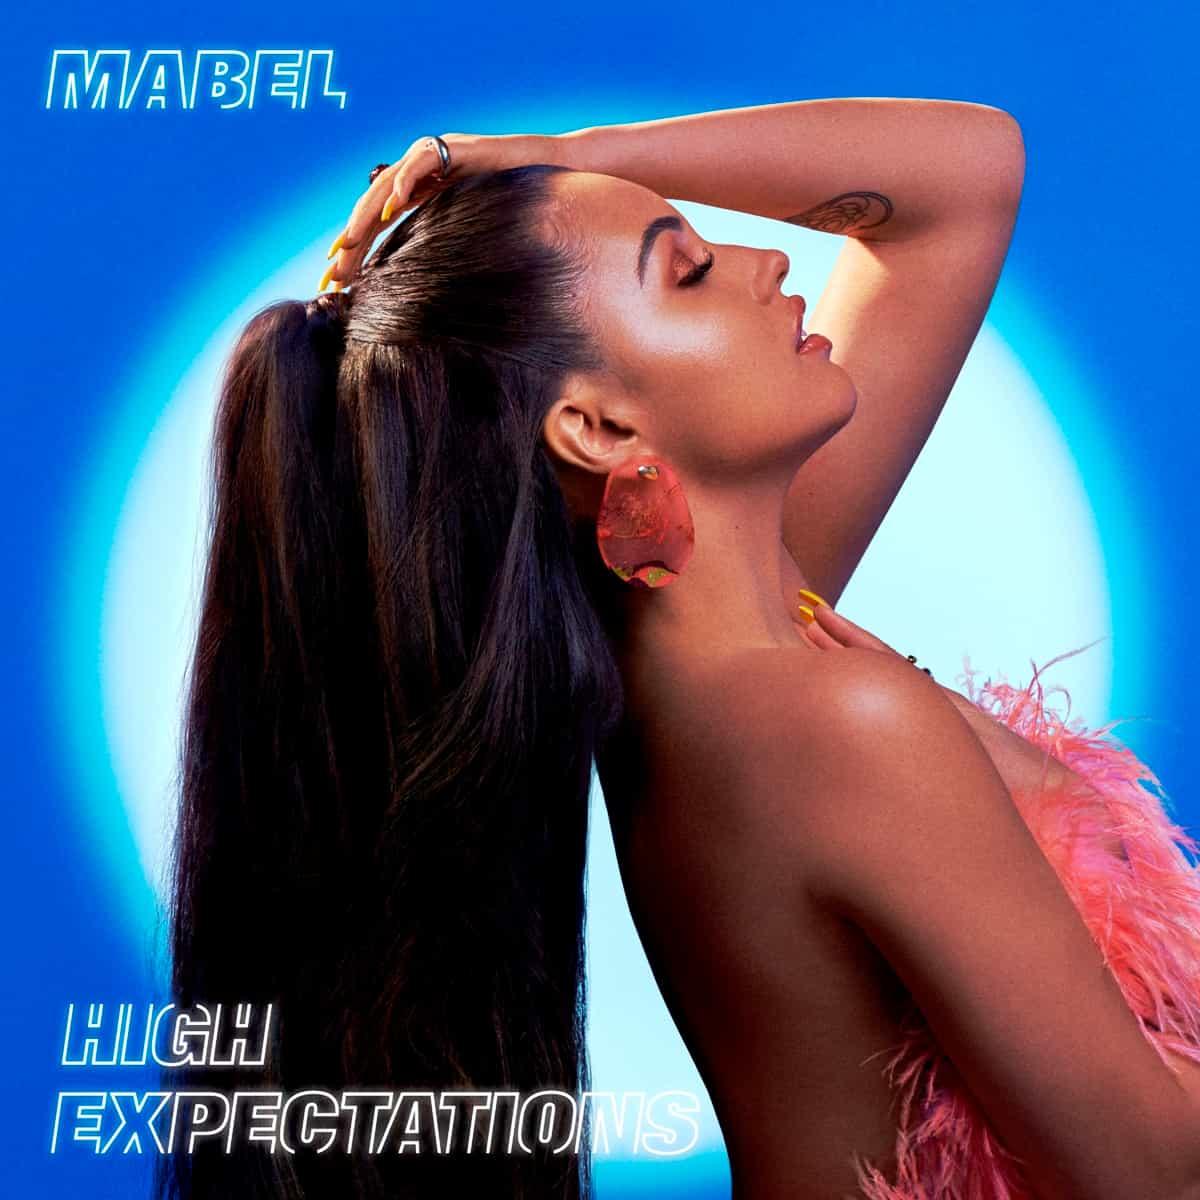 Mabel Debüt-Album High Expectations, Konzerte in Deutschland